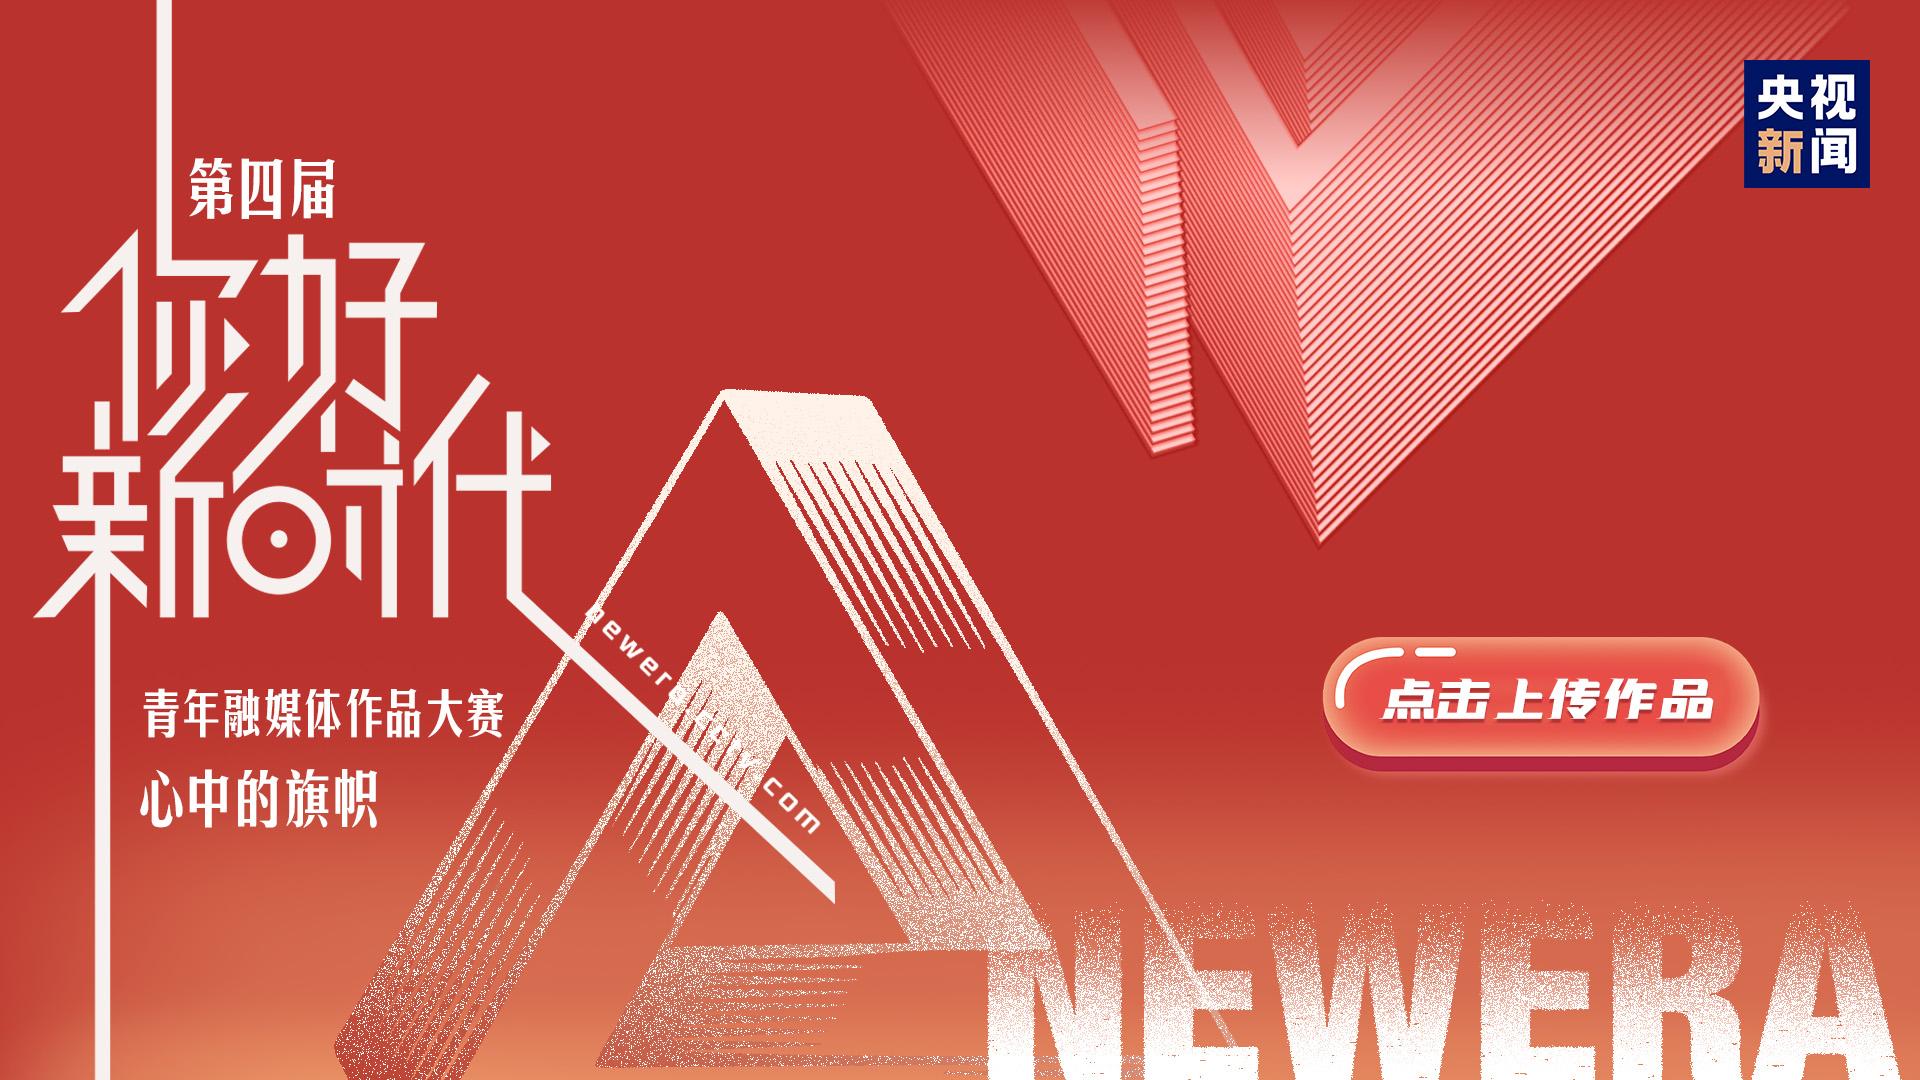 【你好新时代】参赛作品展播丨下姜村的绿水青山梦